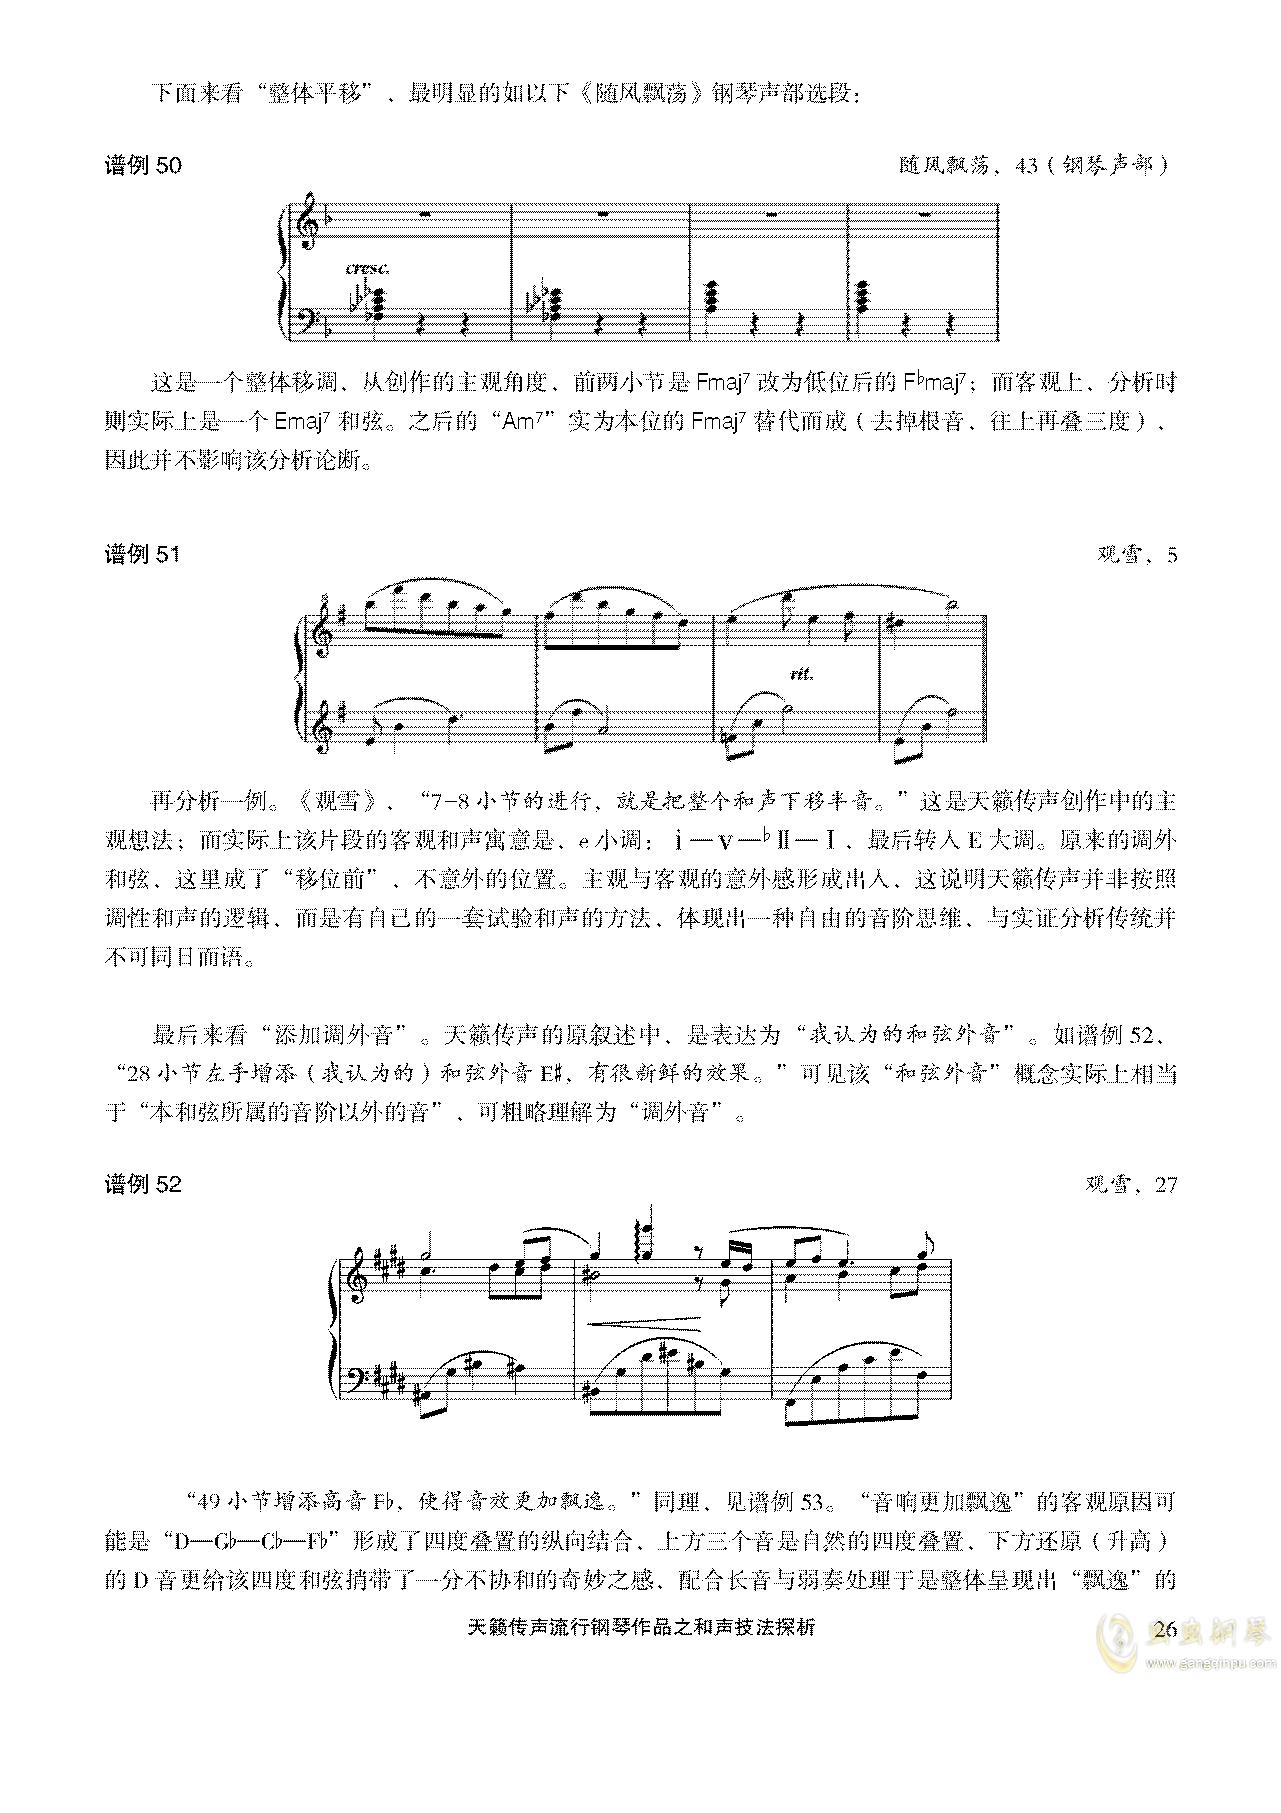 天籁传声和声技法探析钢琴谱 第26页